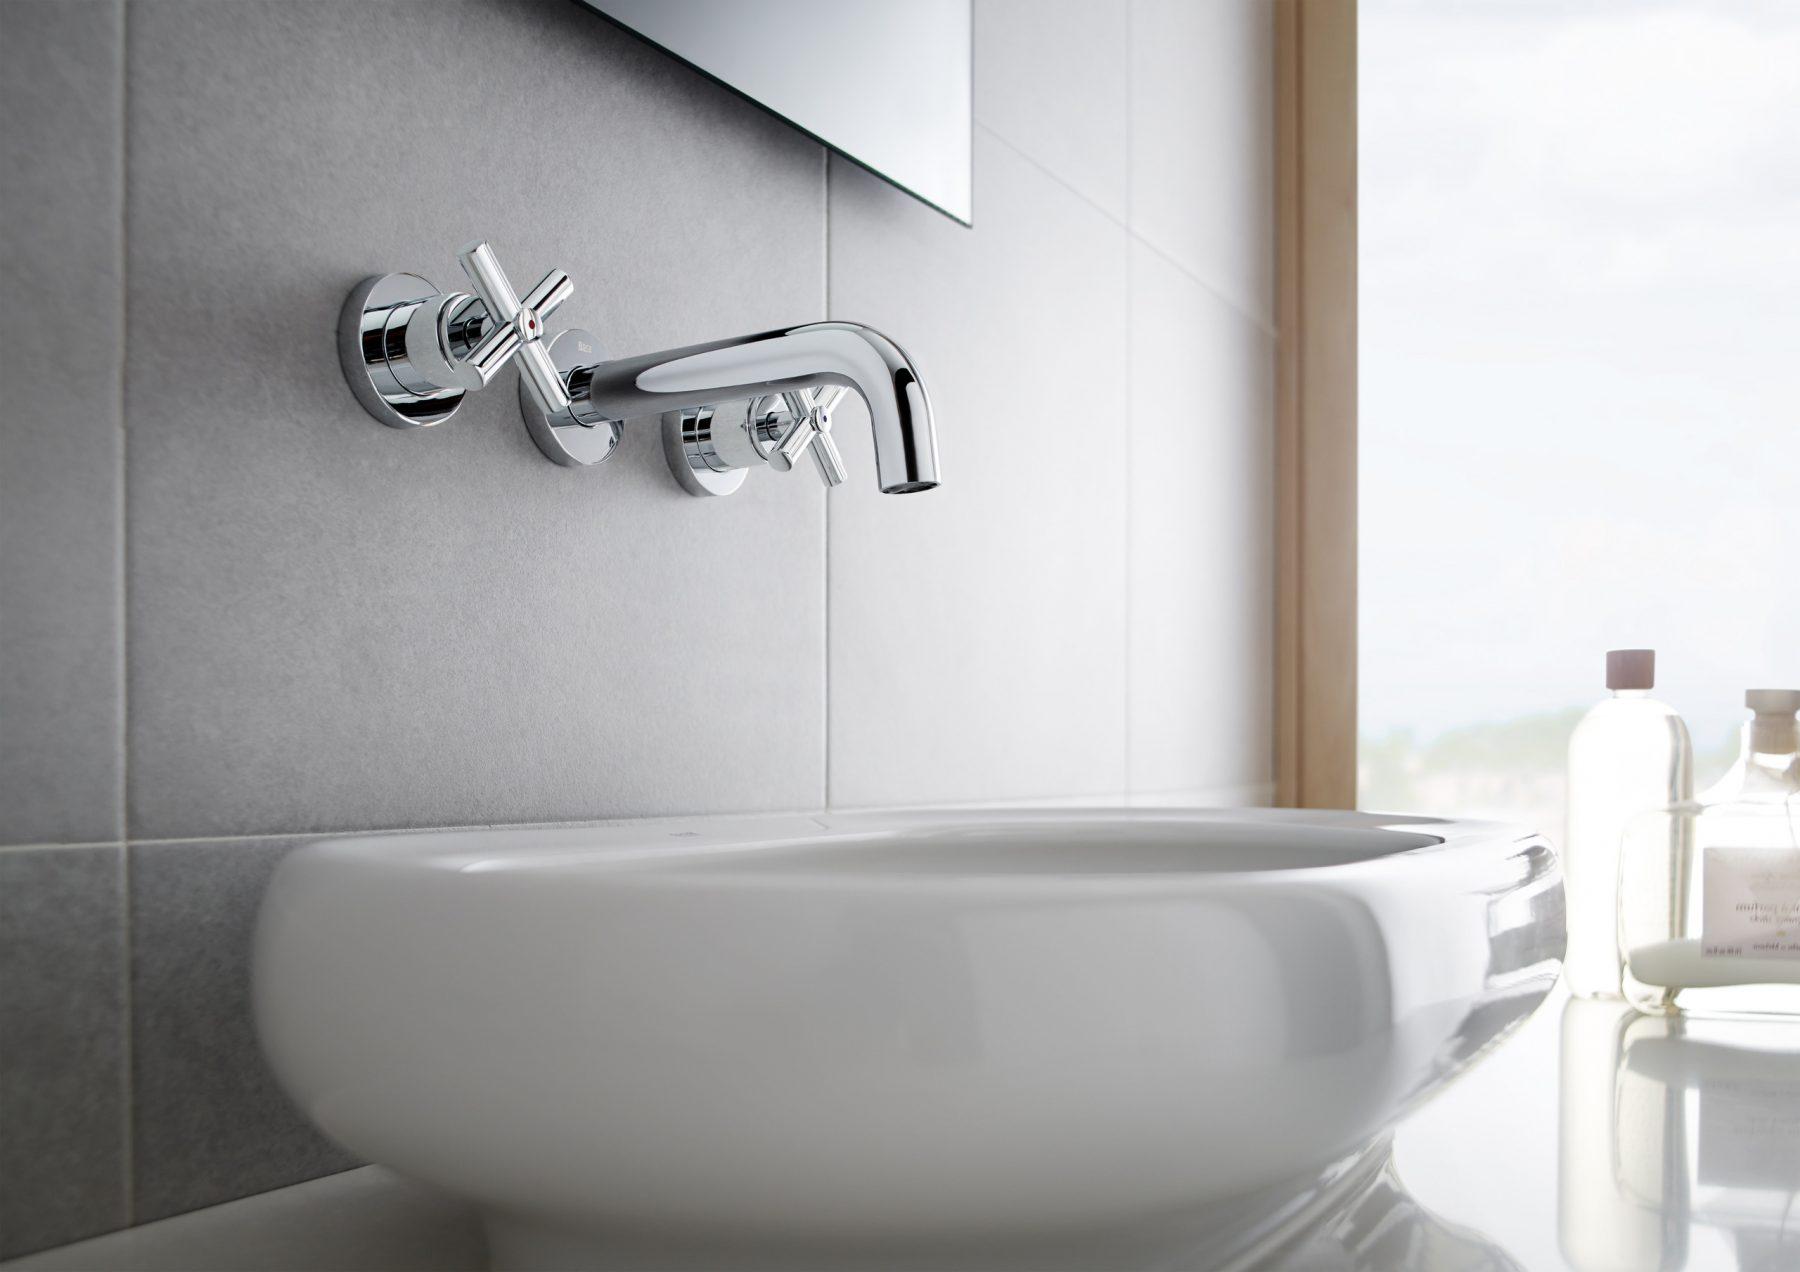 robinet m langeur 3 trous pour salle de bains loft de roca. Black Bedroom Furniture Sets. Home Design Ideas